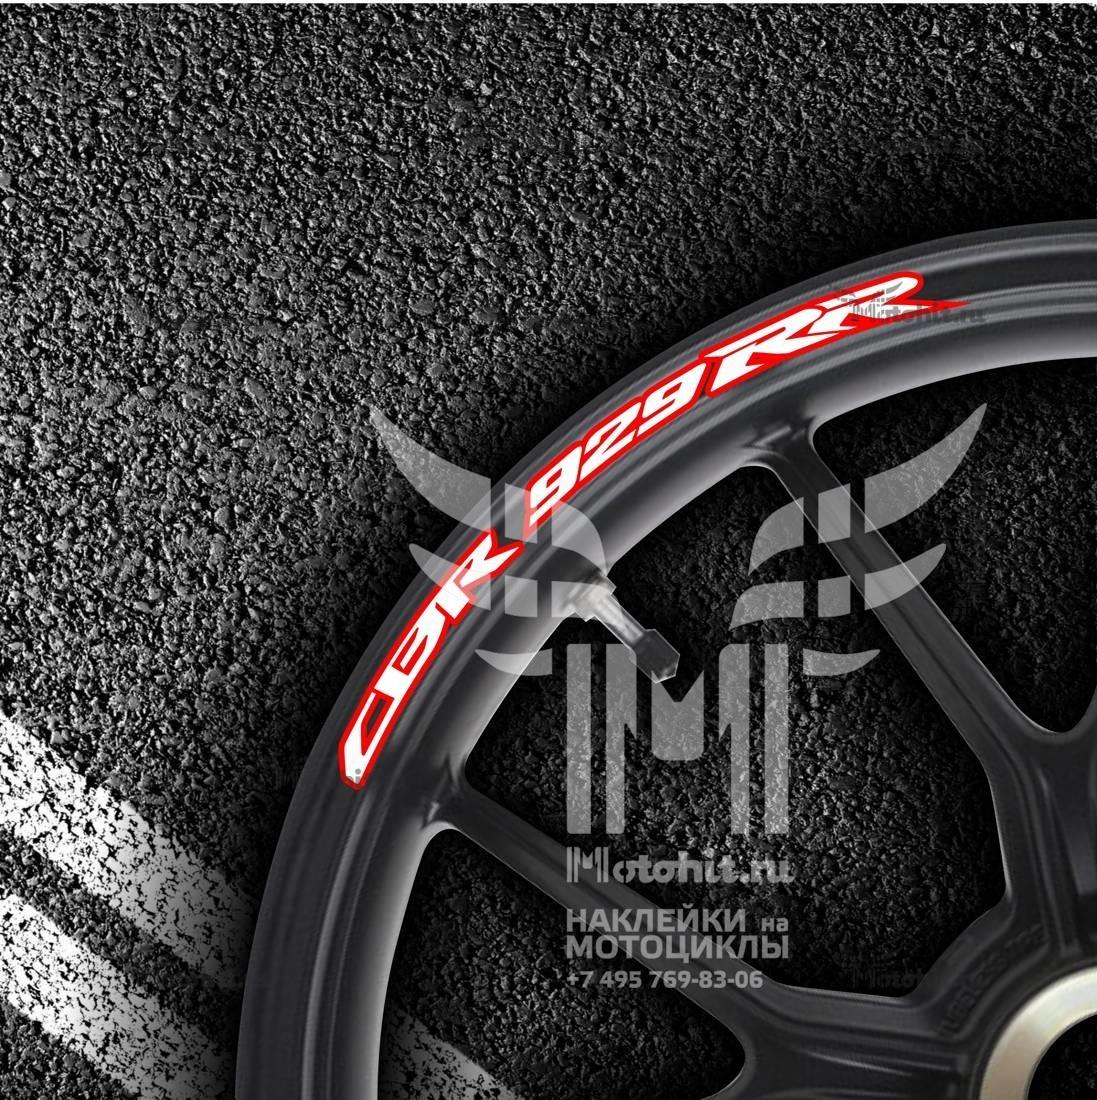 Комплект наклеек на обод колеса мотоцикла HONDA CBR-929-RR